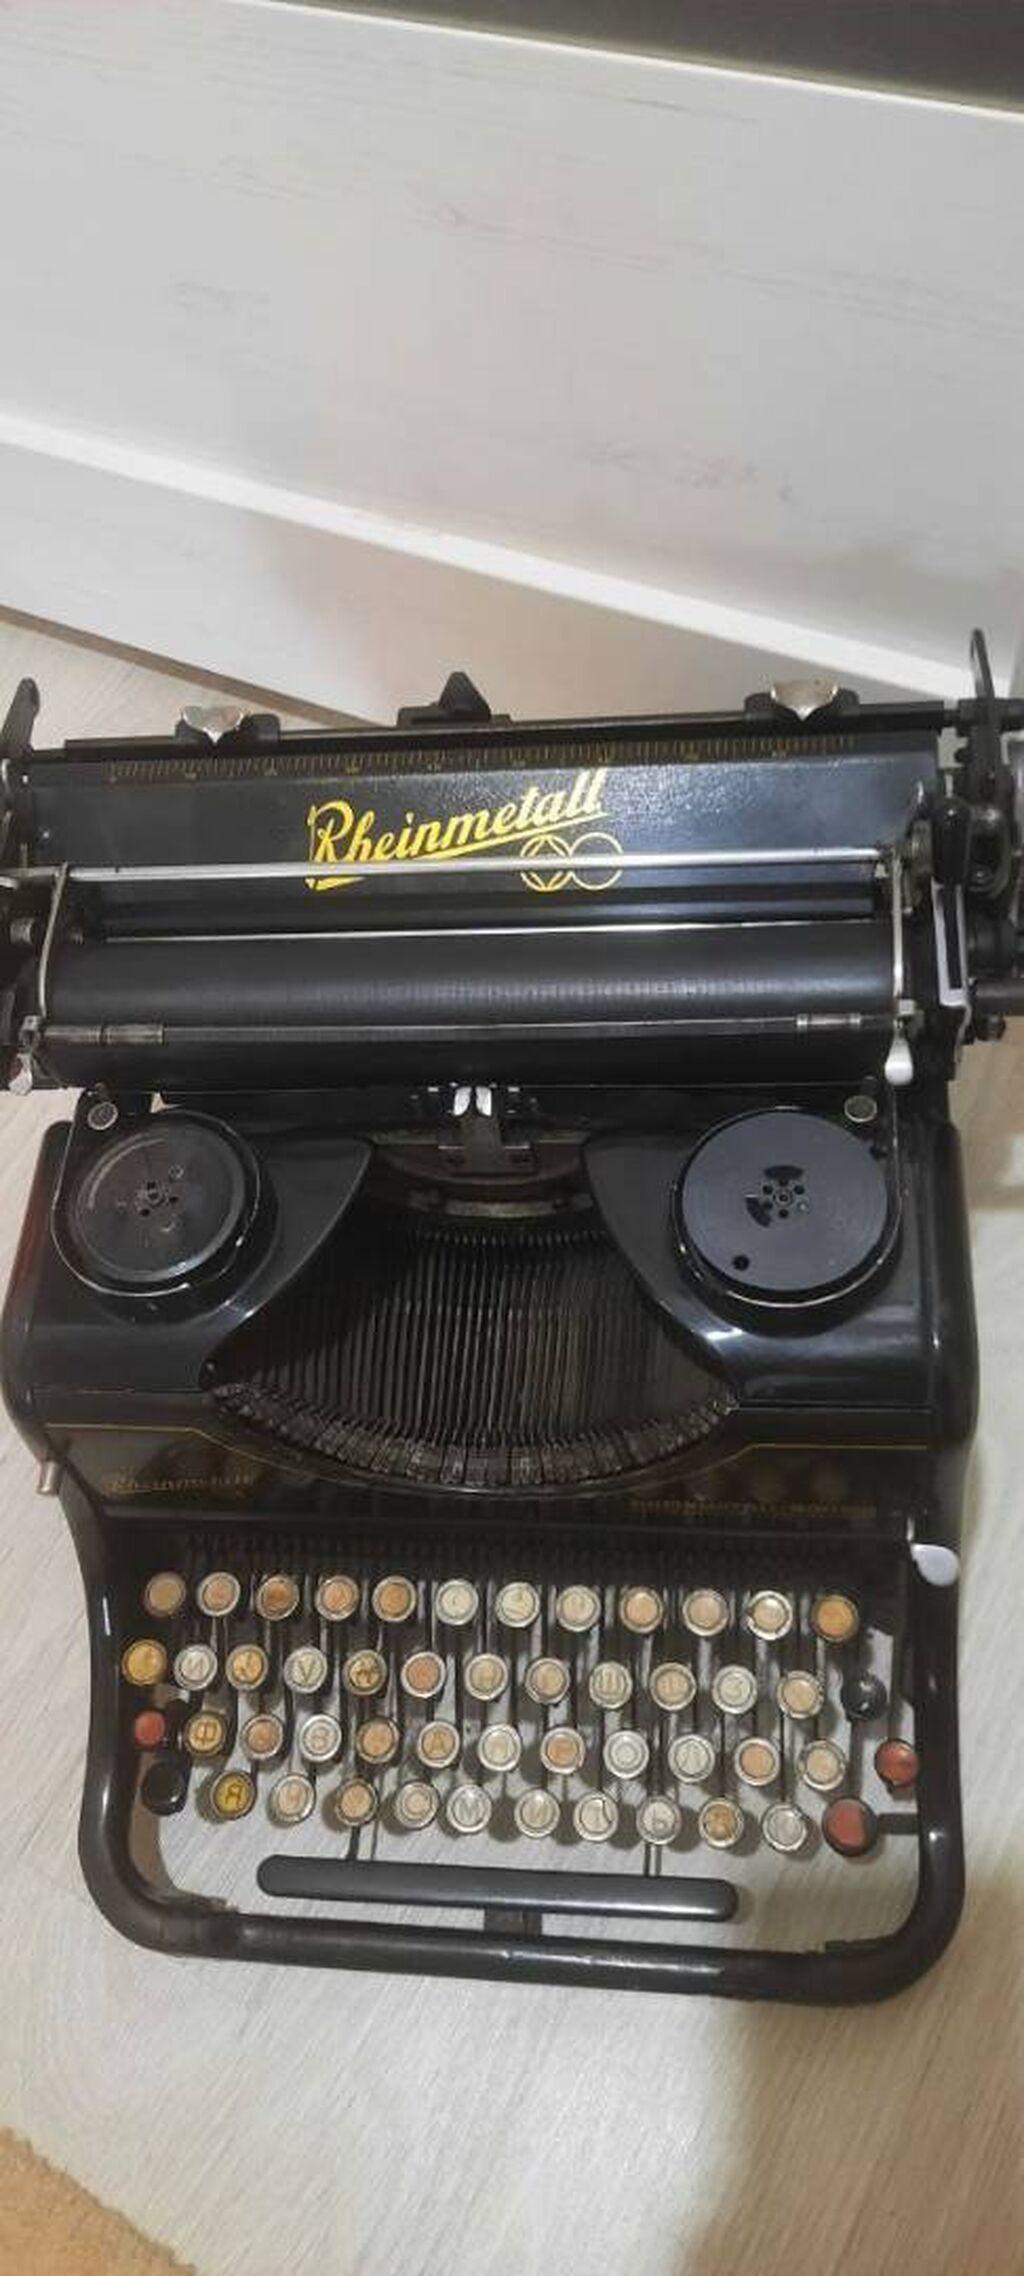 Продается печатная машинка 30х годов Rheinmetall в отличном состоянии: Продается печатная машинка 30х годов Rheinmetall в отличном состоянии